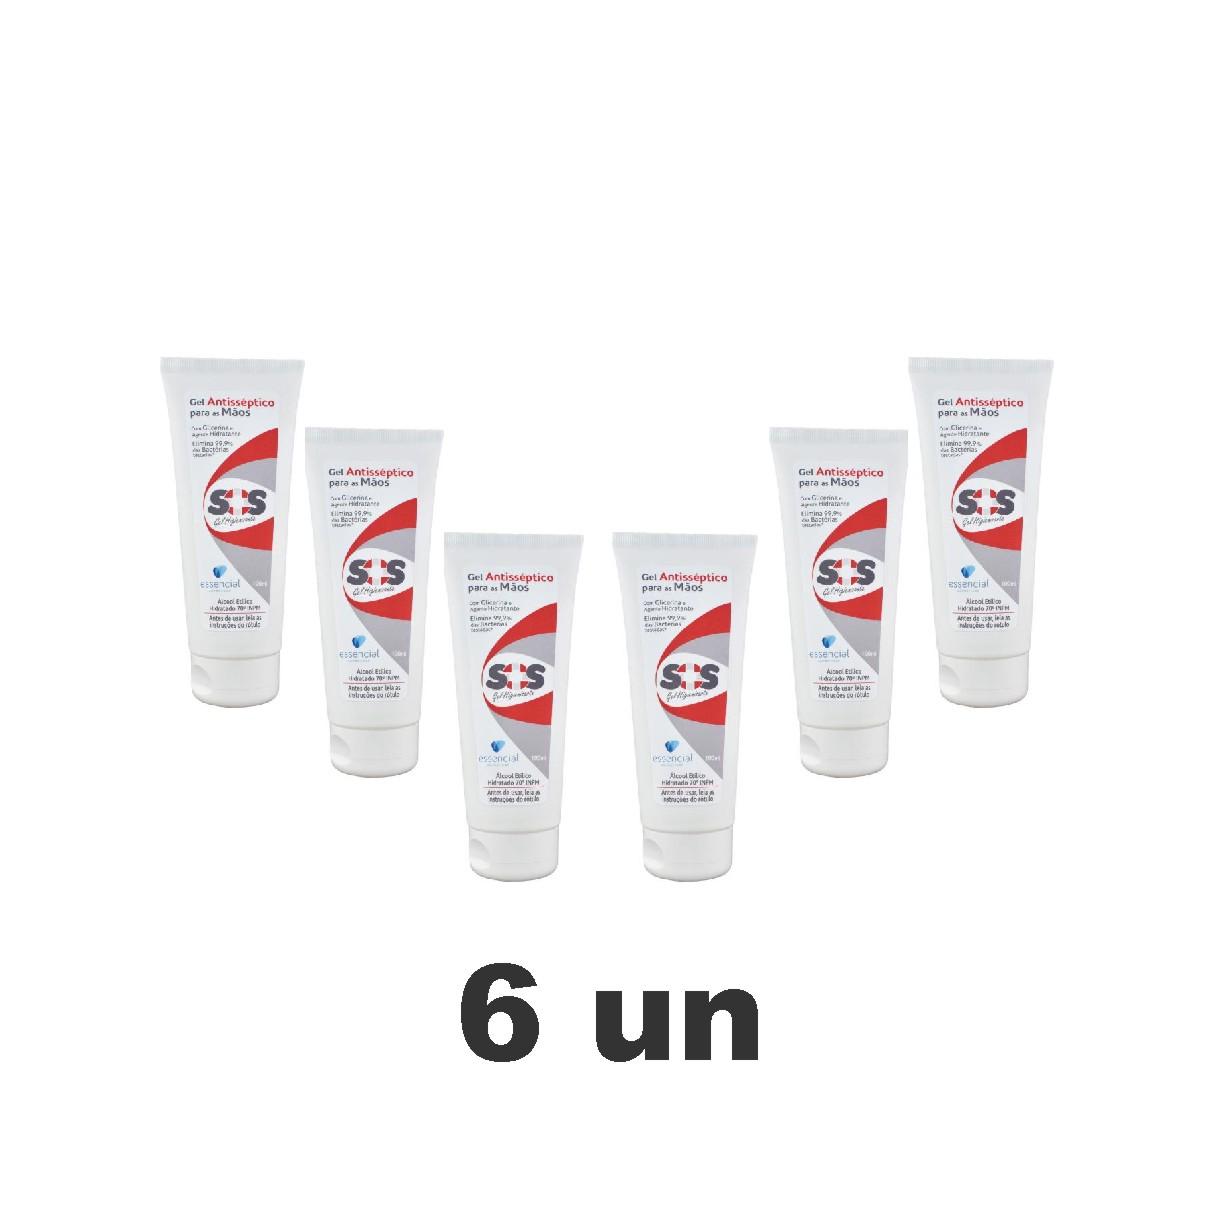 Kit com 6 Álcool Em Gel 70% Antisséptico para as Mãos 100ml - Essencial